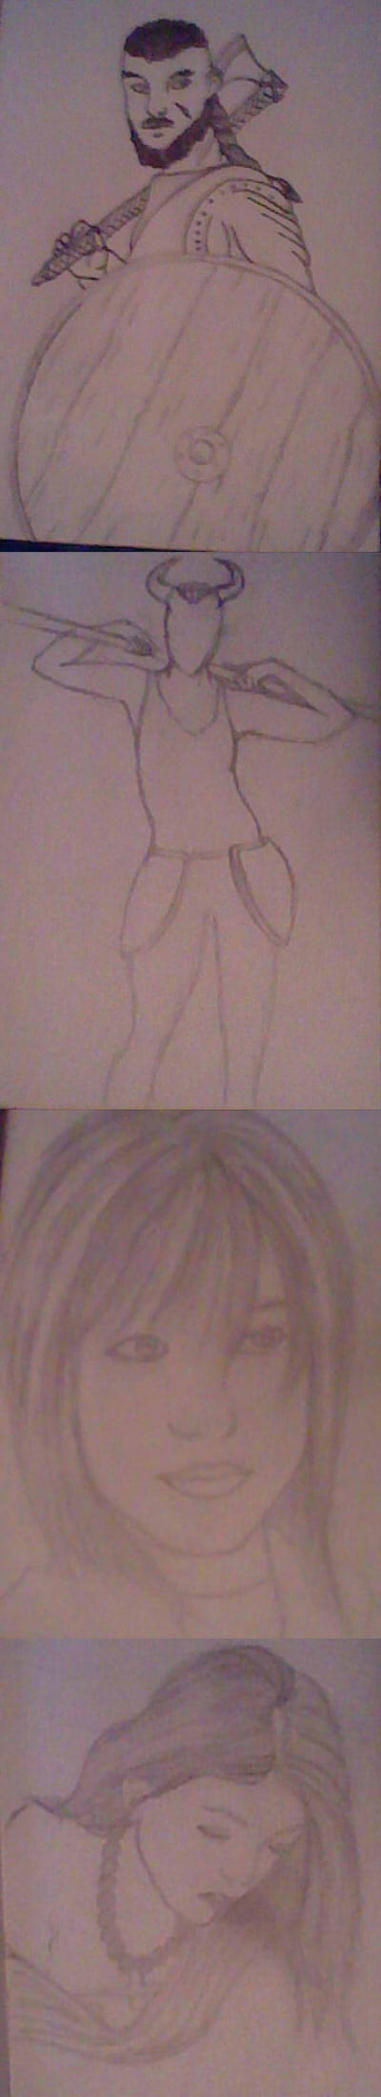 Sketchdump by PrestonH